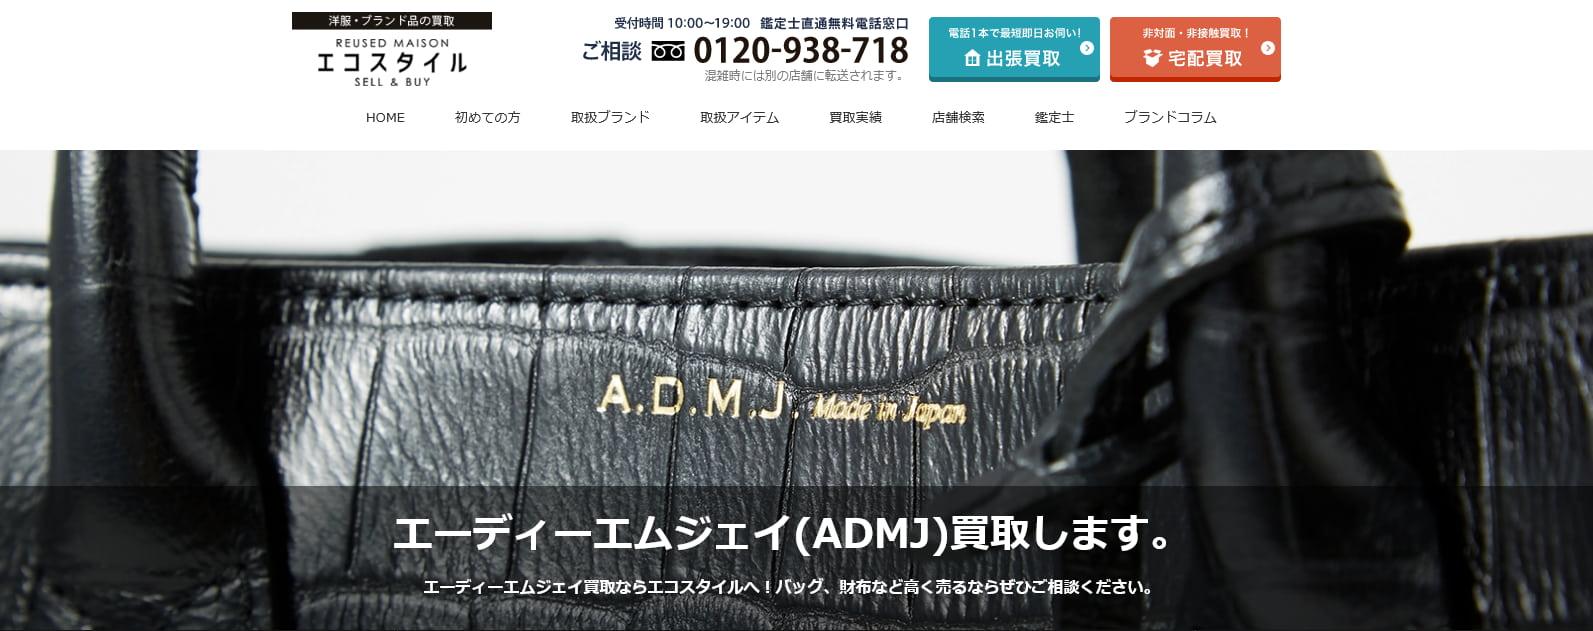 admjのおすすめ買取店エコスタイル